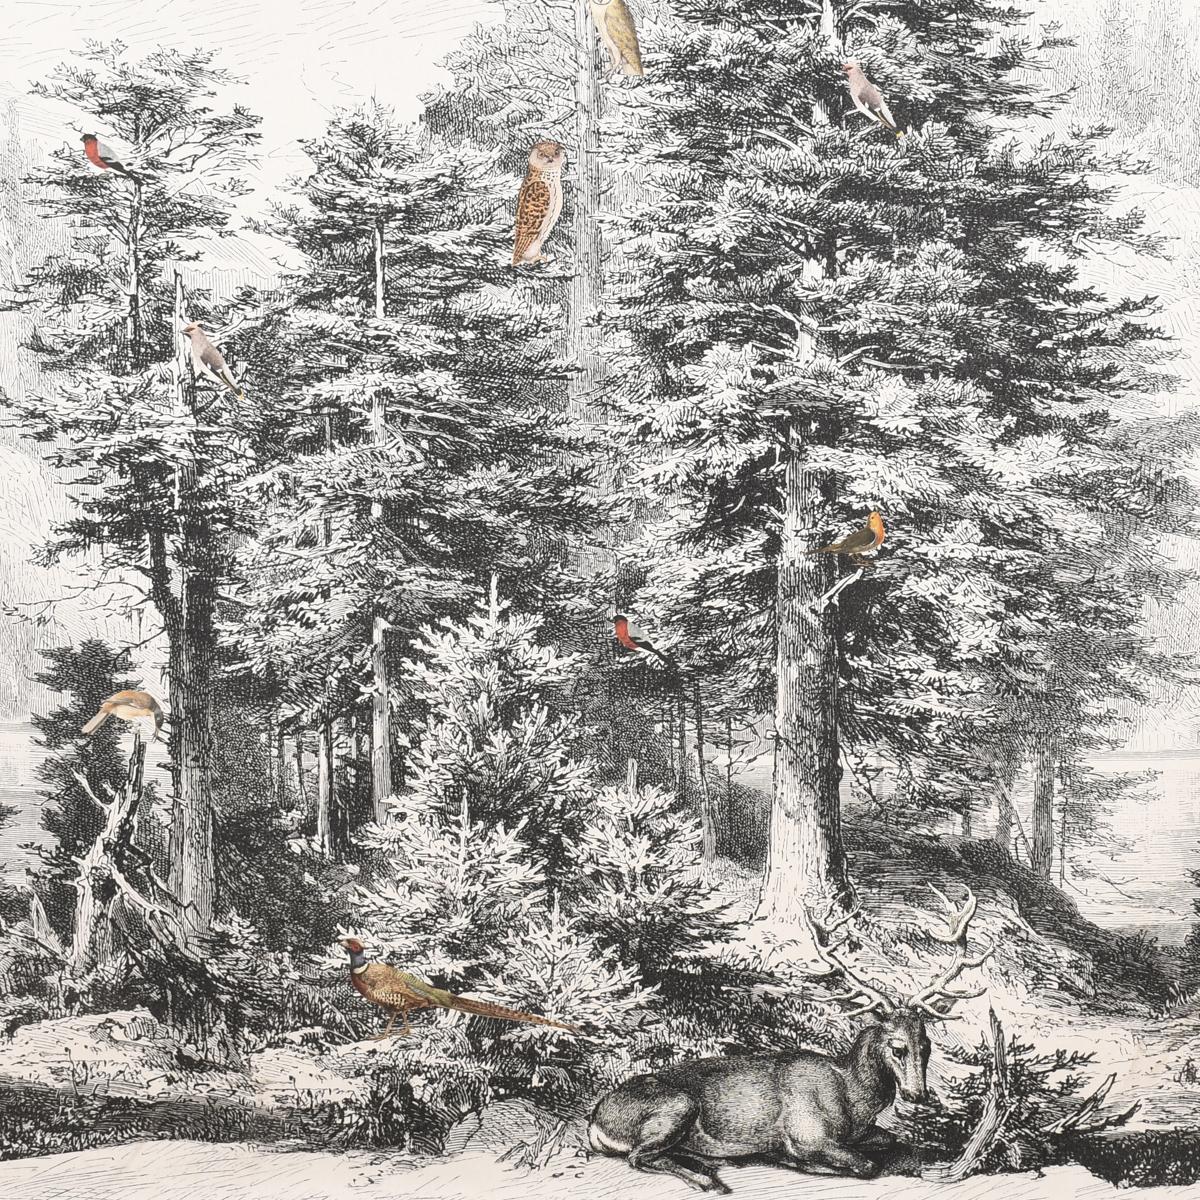 1 Stk Dekostoff Halbpanama Paneel Forest Mystic Waldszenerie weiß schwarz 205x140m